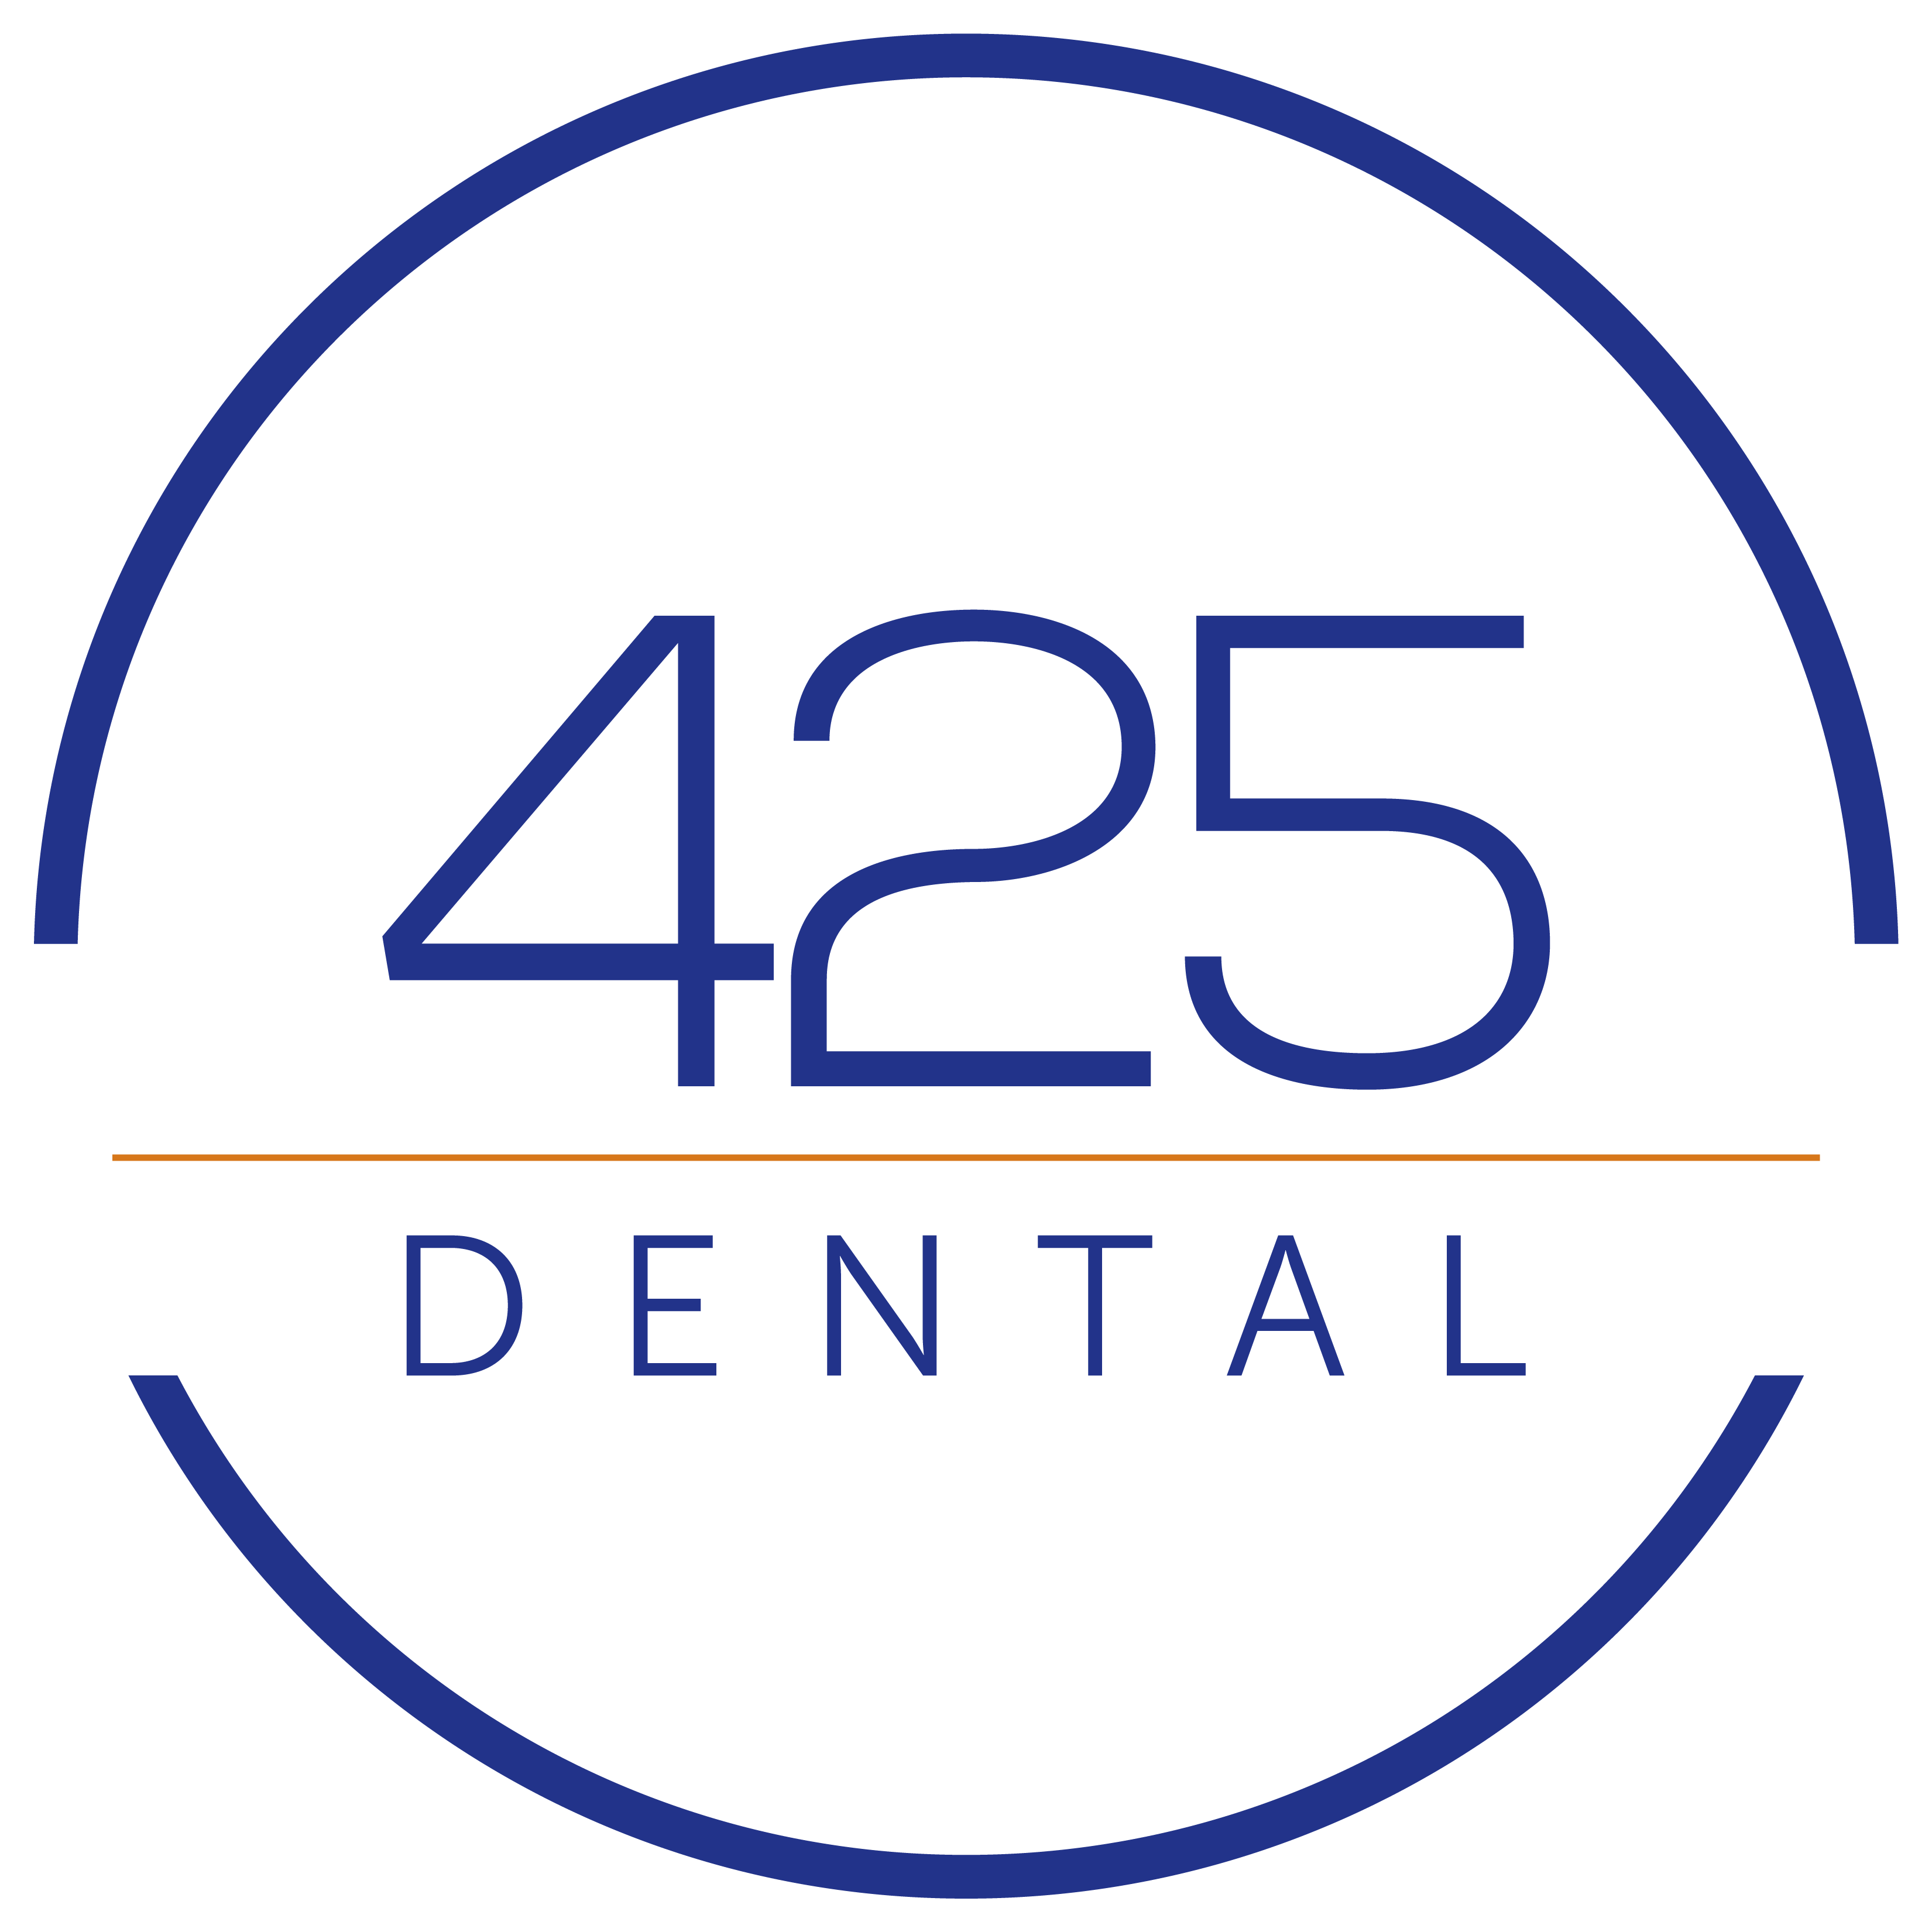 425 Dental